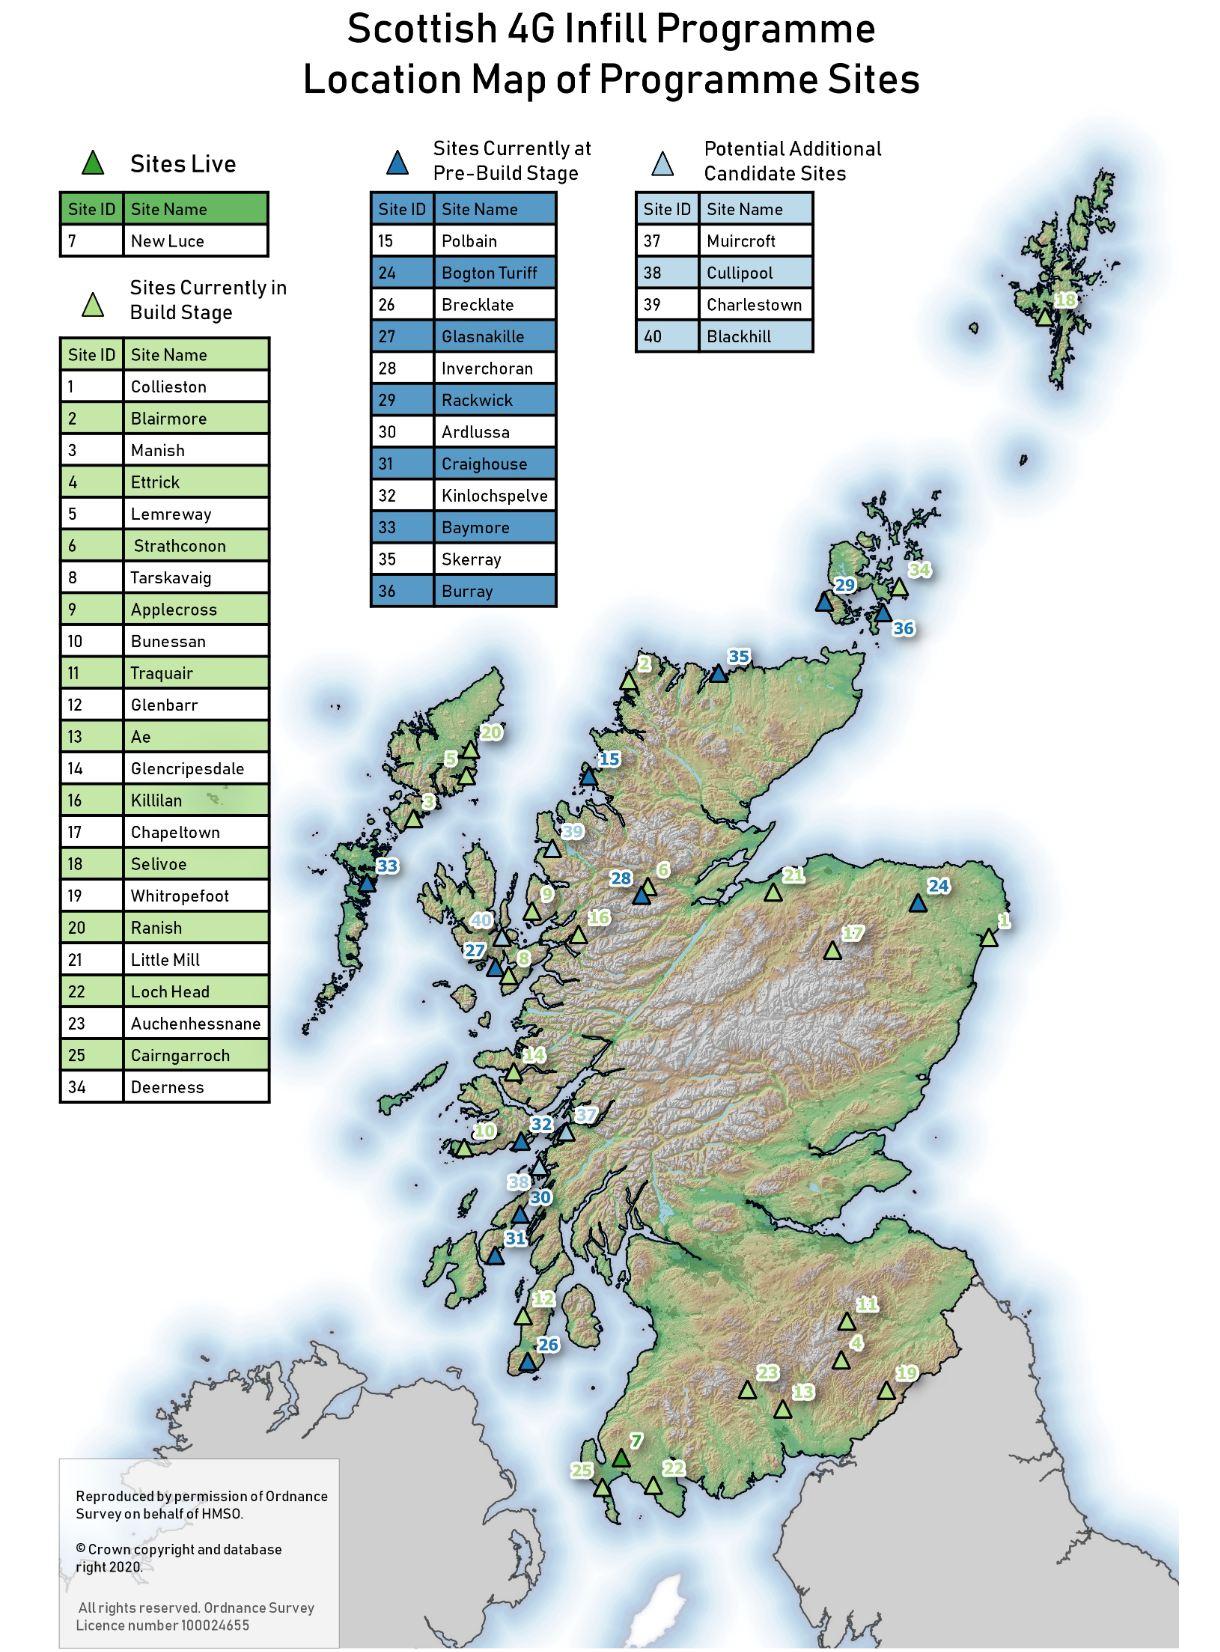 scotland 4g infill map 2020